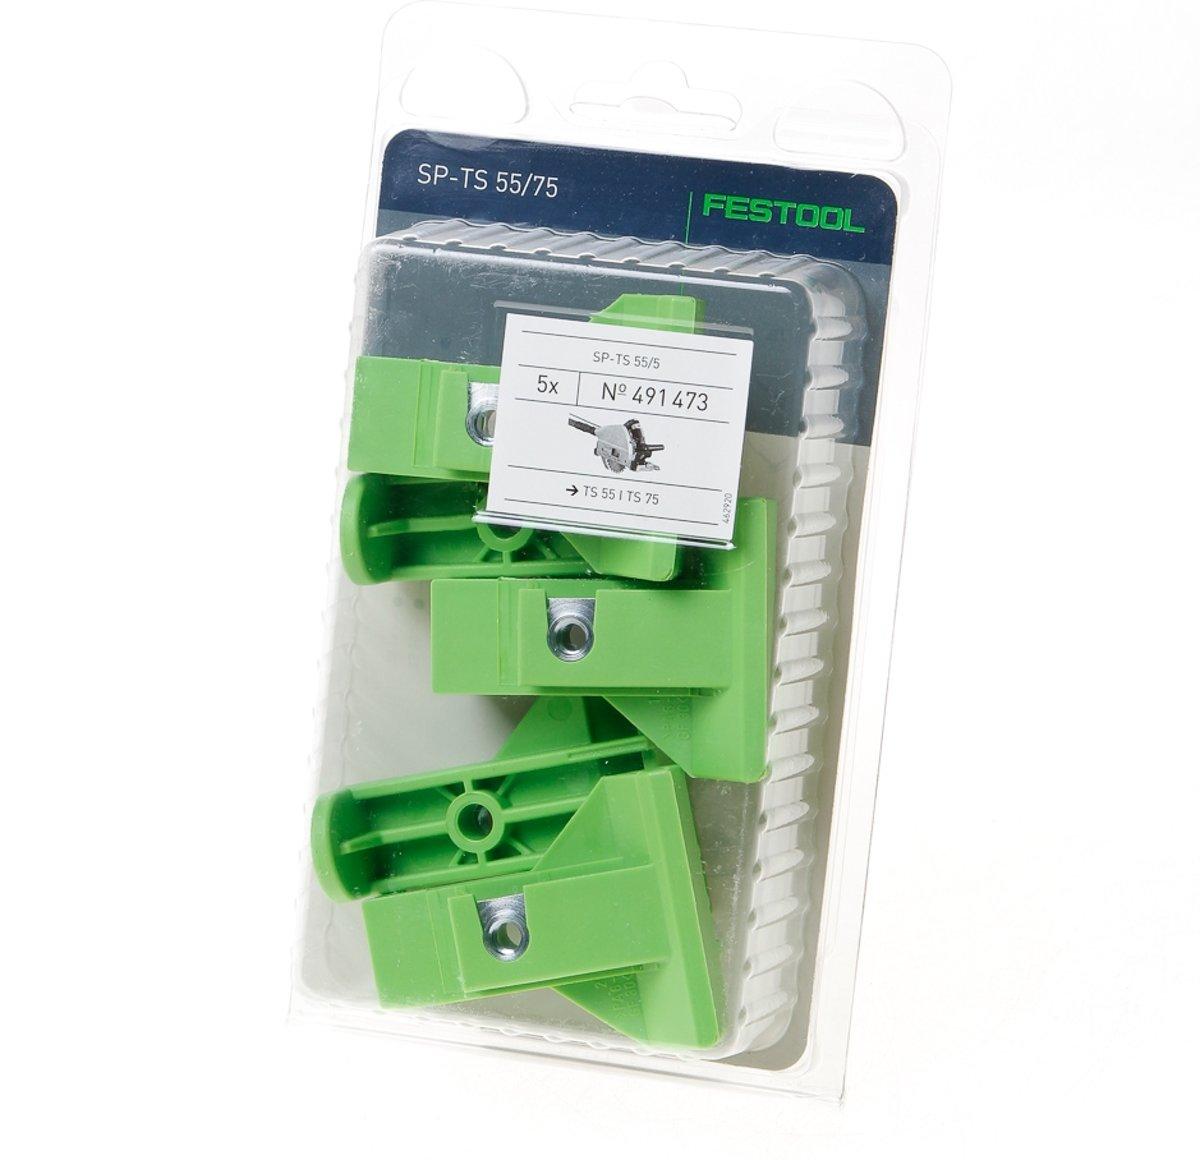 Festool splinterbescherming- voor TS55 en TS75 - SP-TS 55/5 - 491473